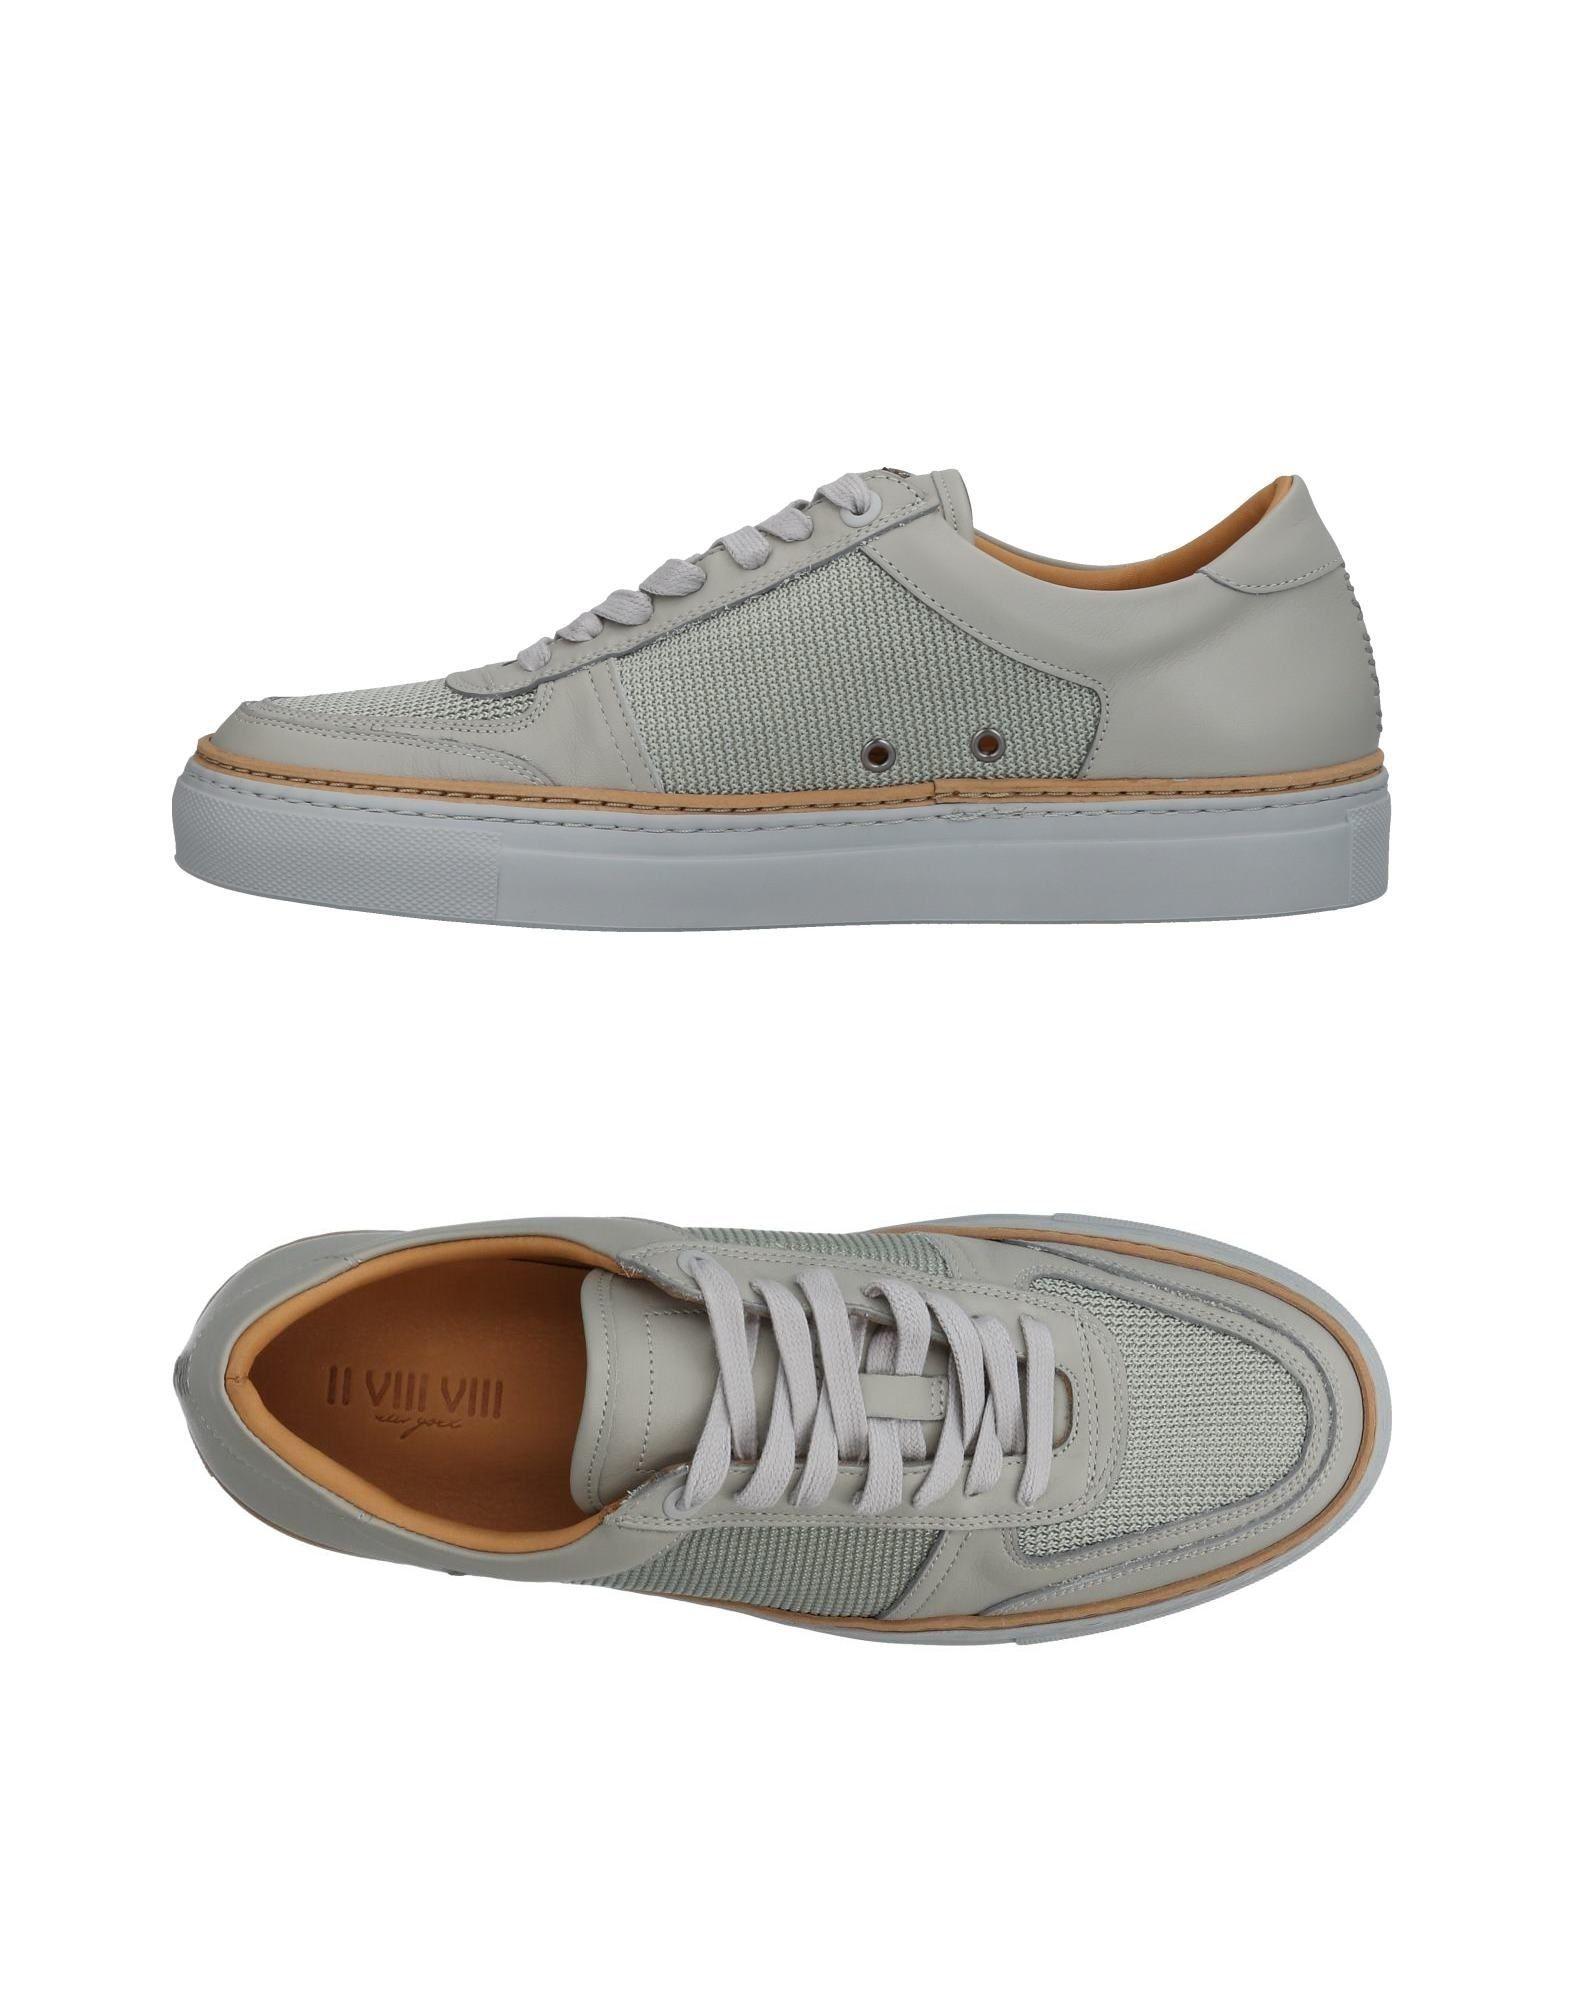 Sneakers Ii Viii Viii - N° 288 Uomo - Acquista online su